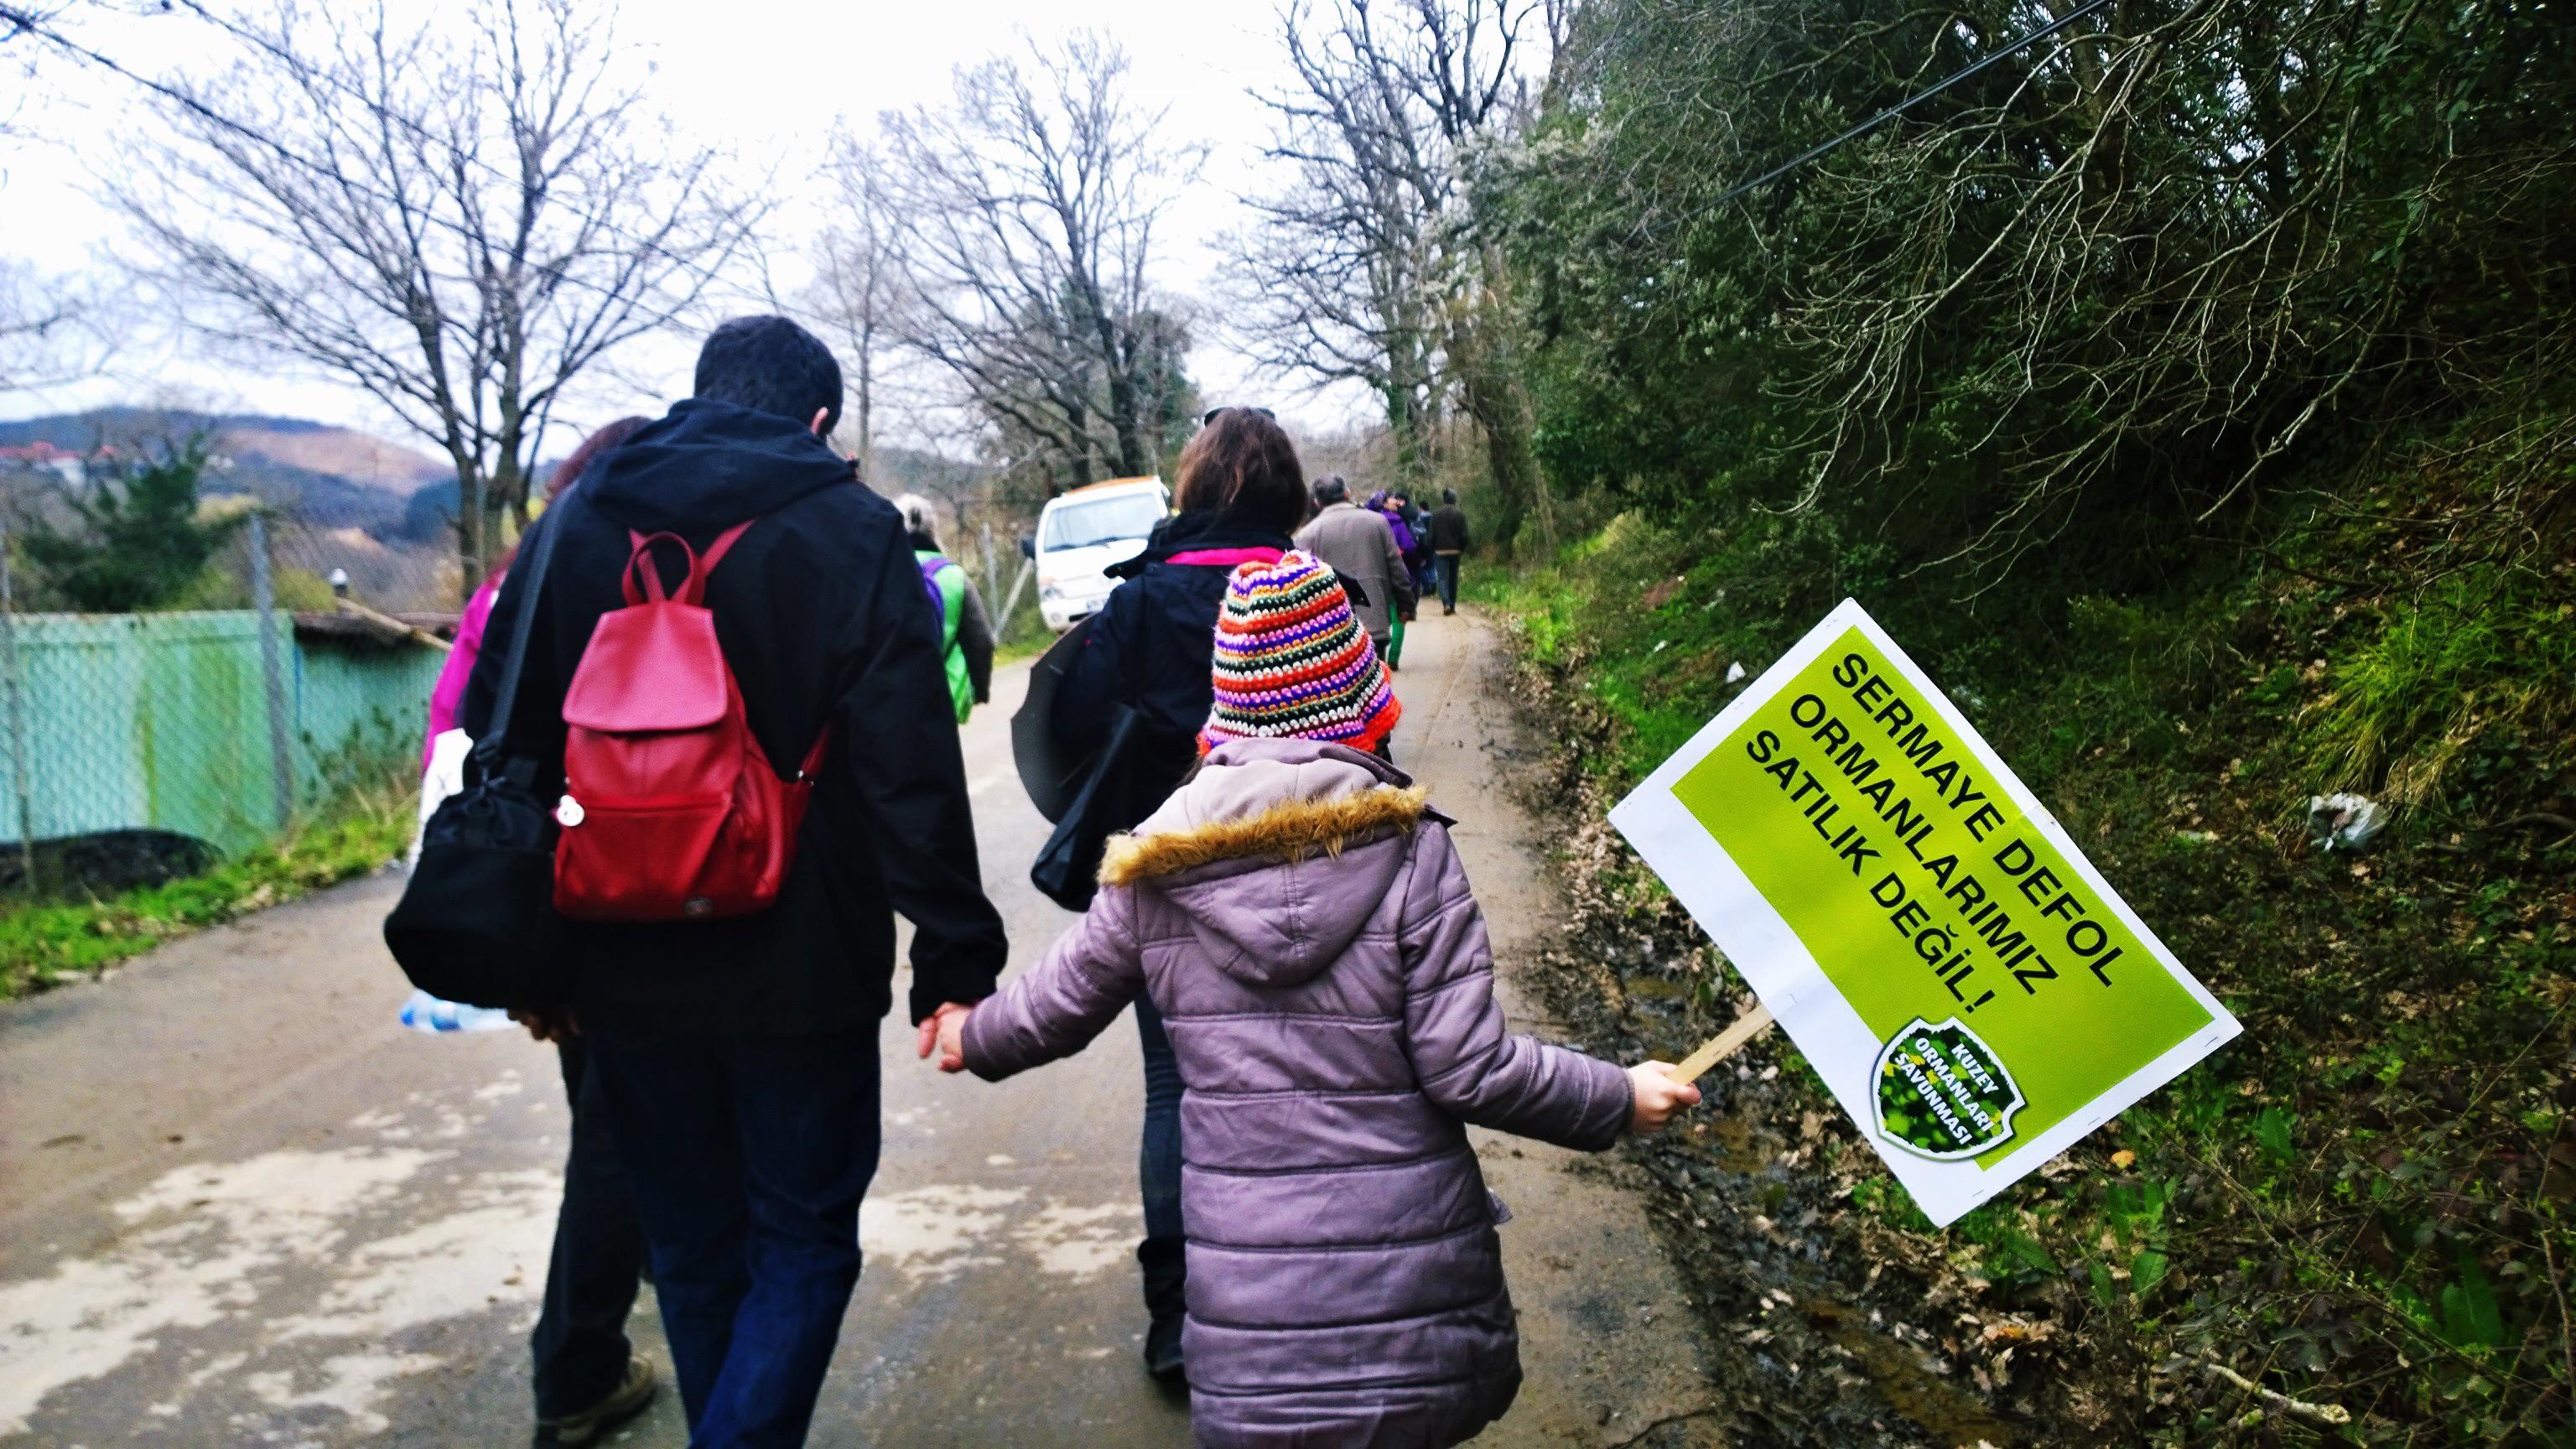 Yaşam Savunucuları Kuzey Ormanları'na Direniş Sözü Verdi! 29 Mart eylemimiz ardından